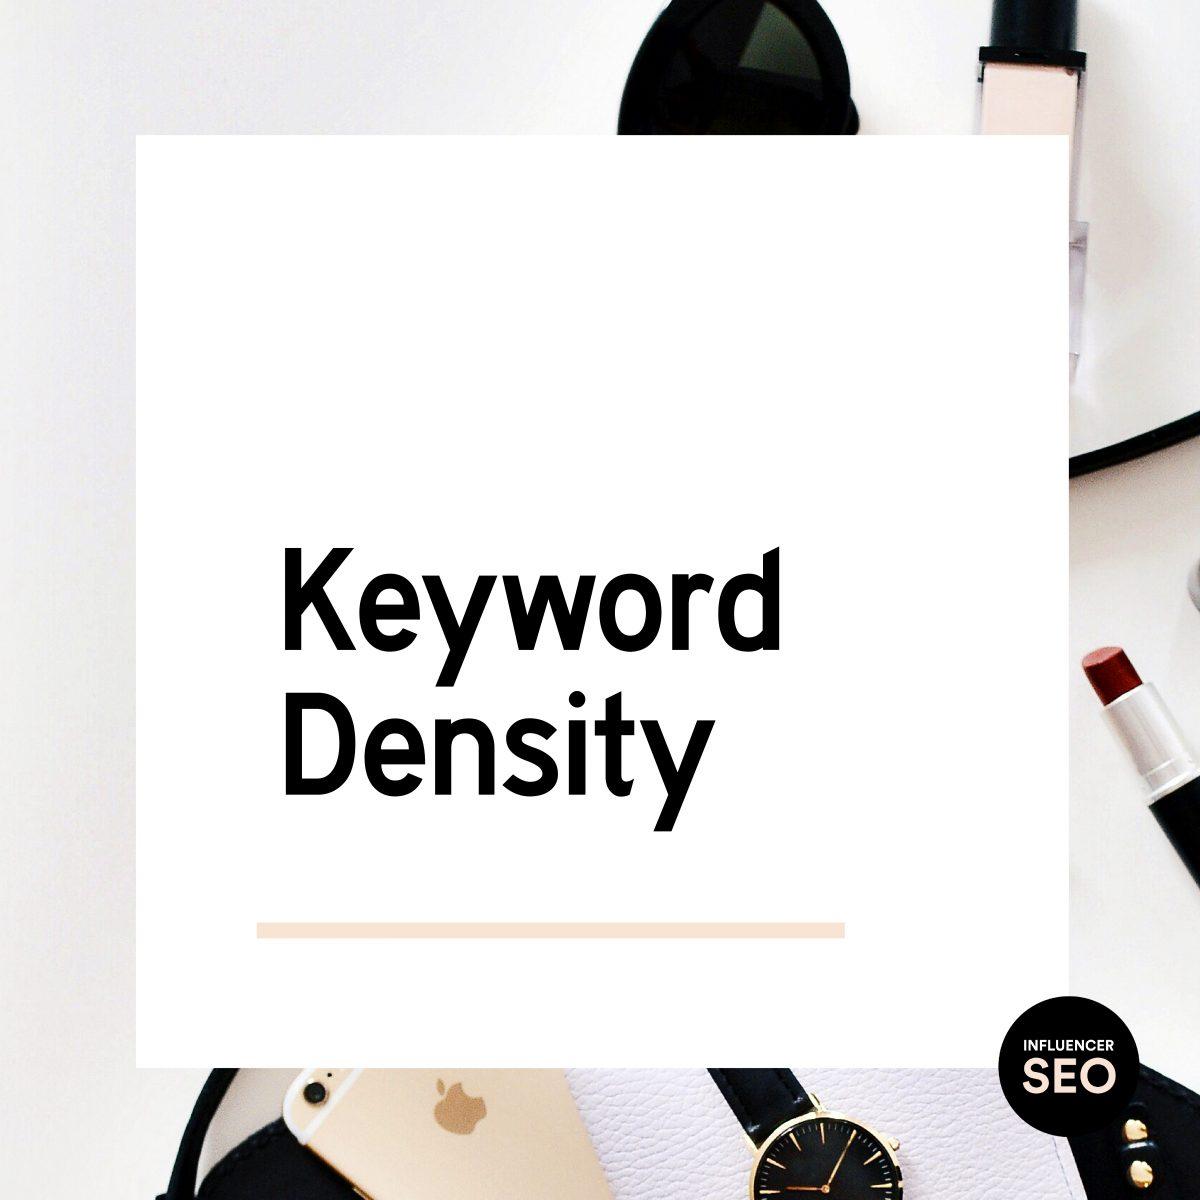 What is keyword density